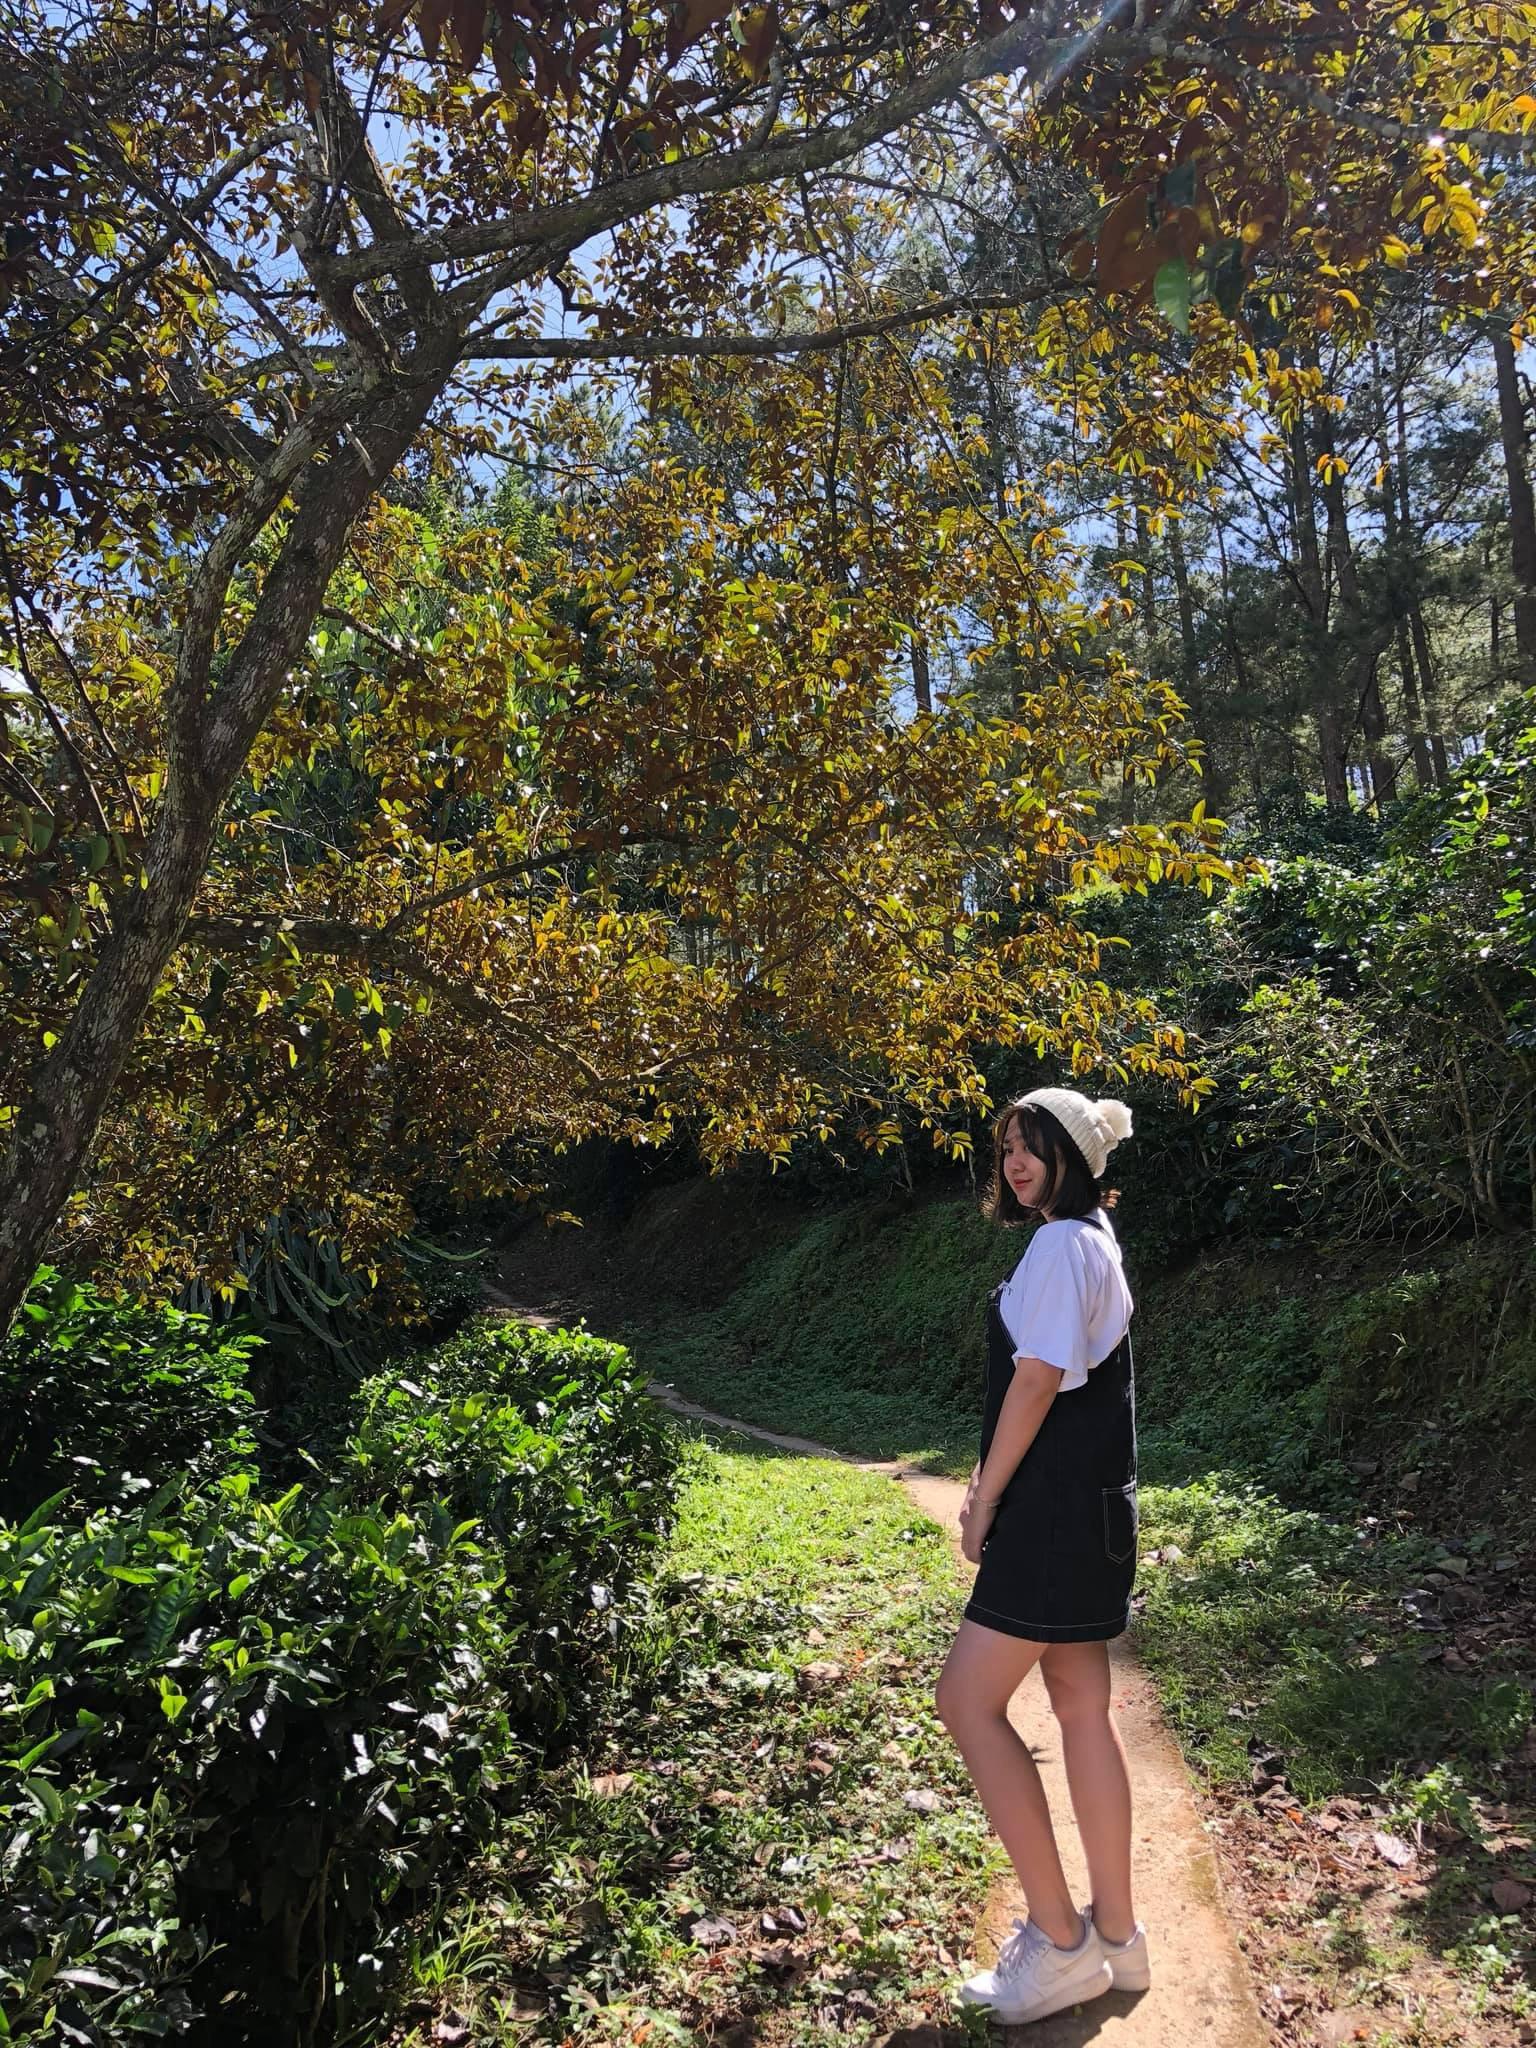 Em gái Bảo Anh lột xác bất ngờ sau 3 năm đi du học Úc, ngày càng xinh đẹp quyến rũ không thua kém chị - Ảnh 16.